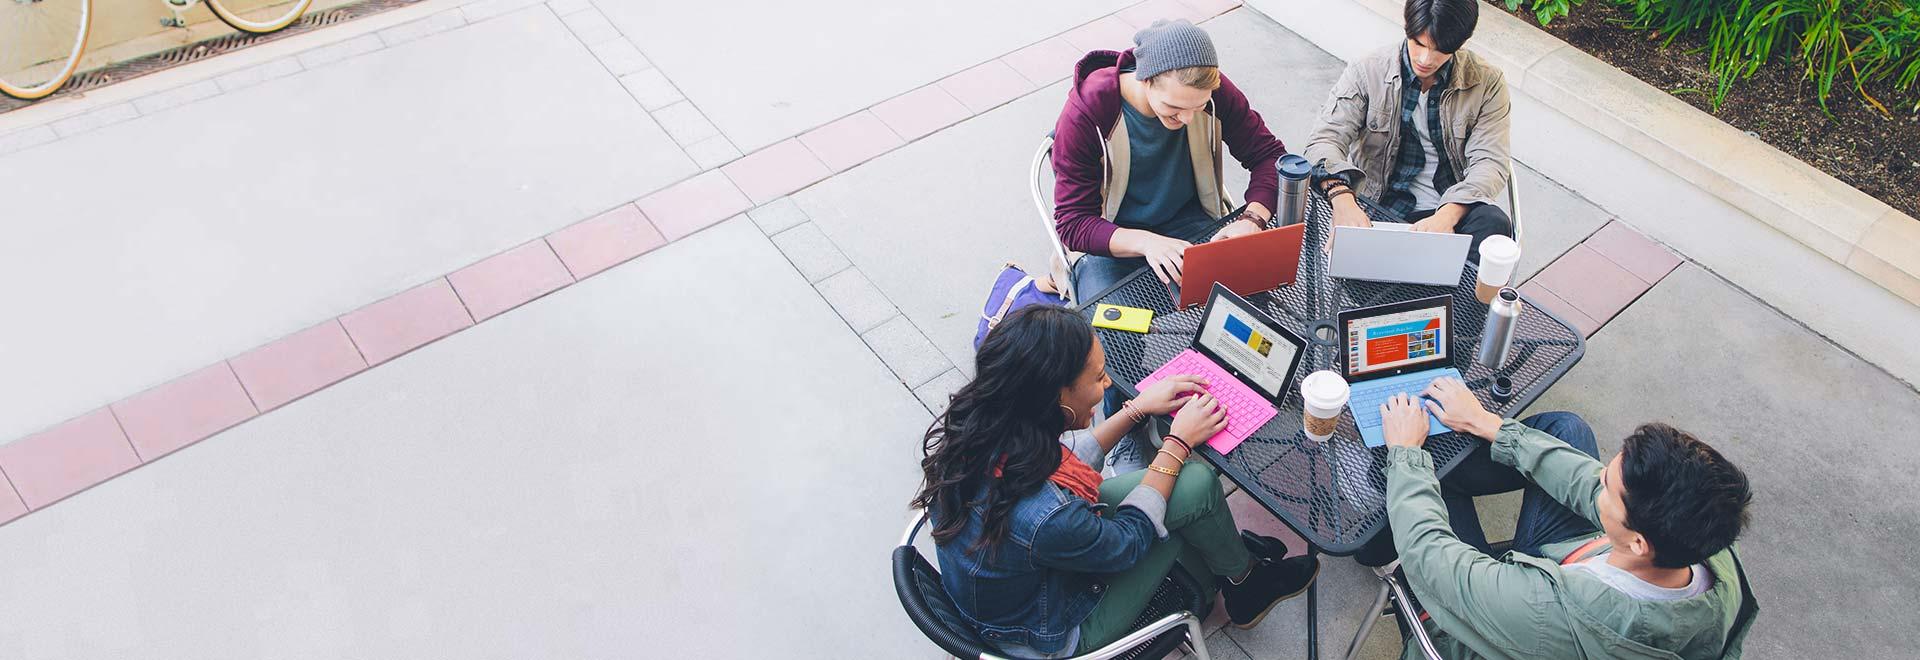 Cuatro alumnos sentados en una mesa al aire libre usando Office 365 Educación en sus tabletas.